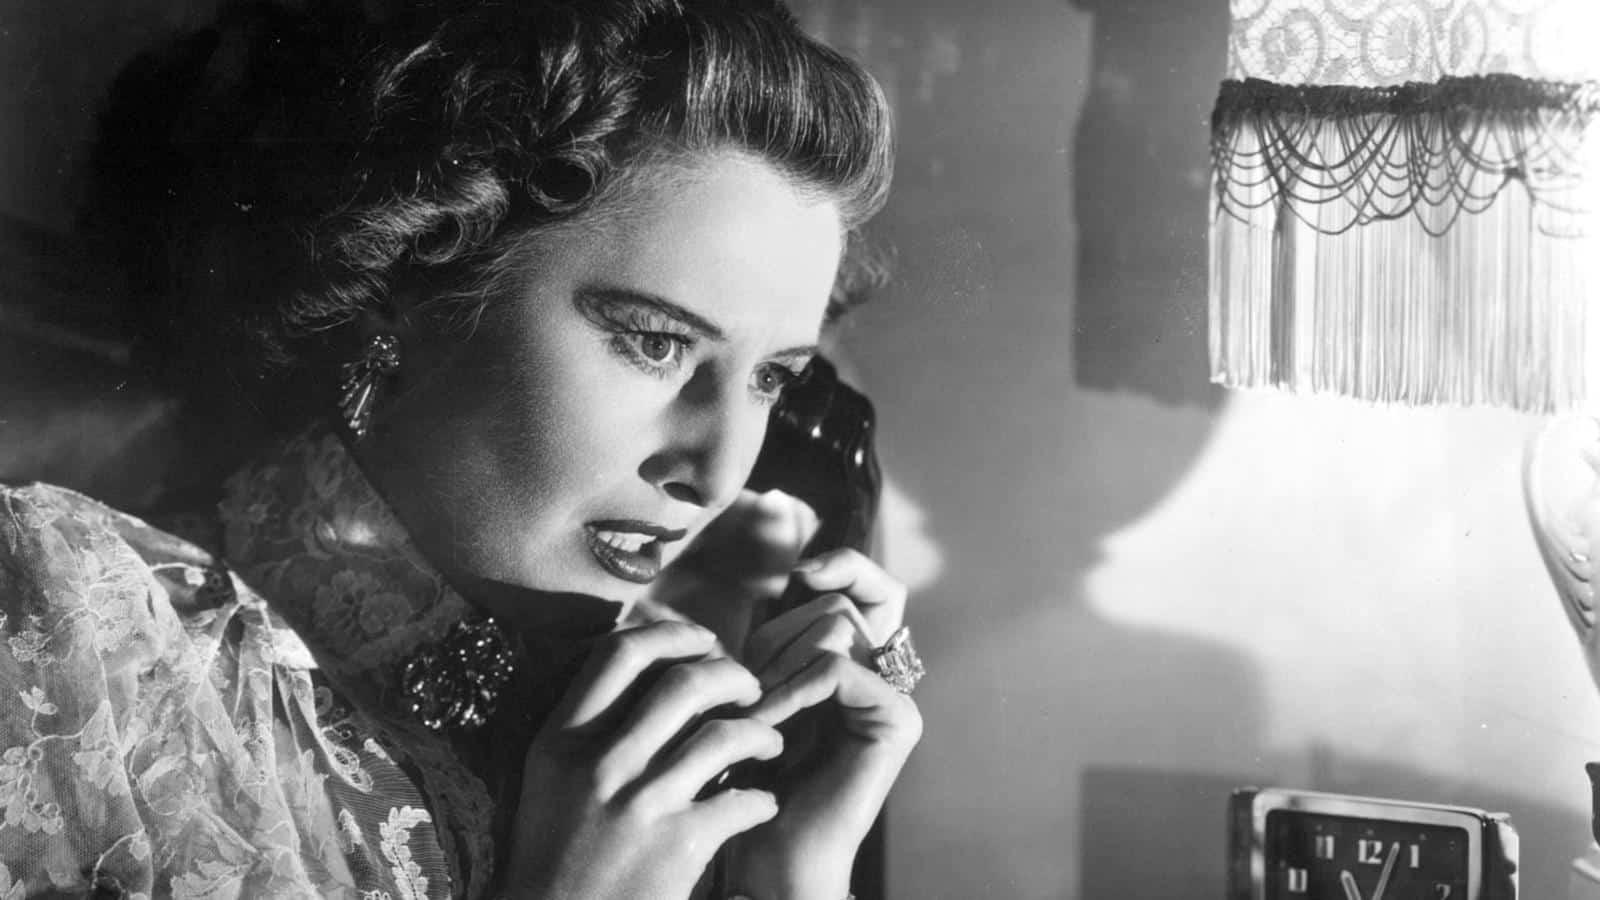 Venha descobrir agora 7 curiosidades sobre os números de telefone